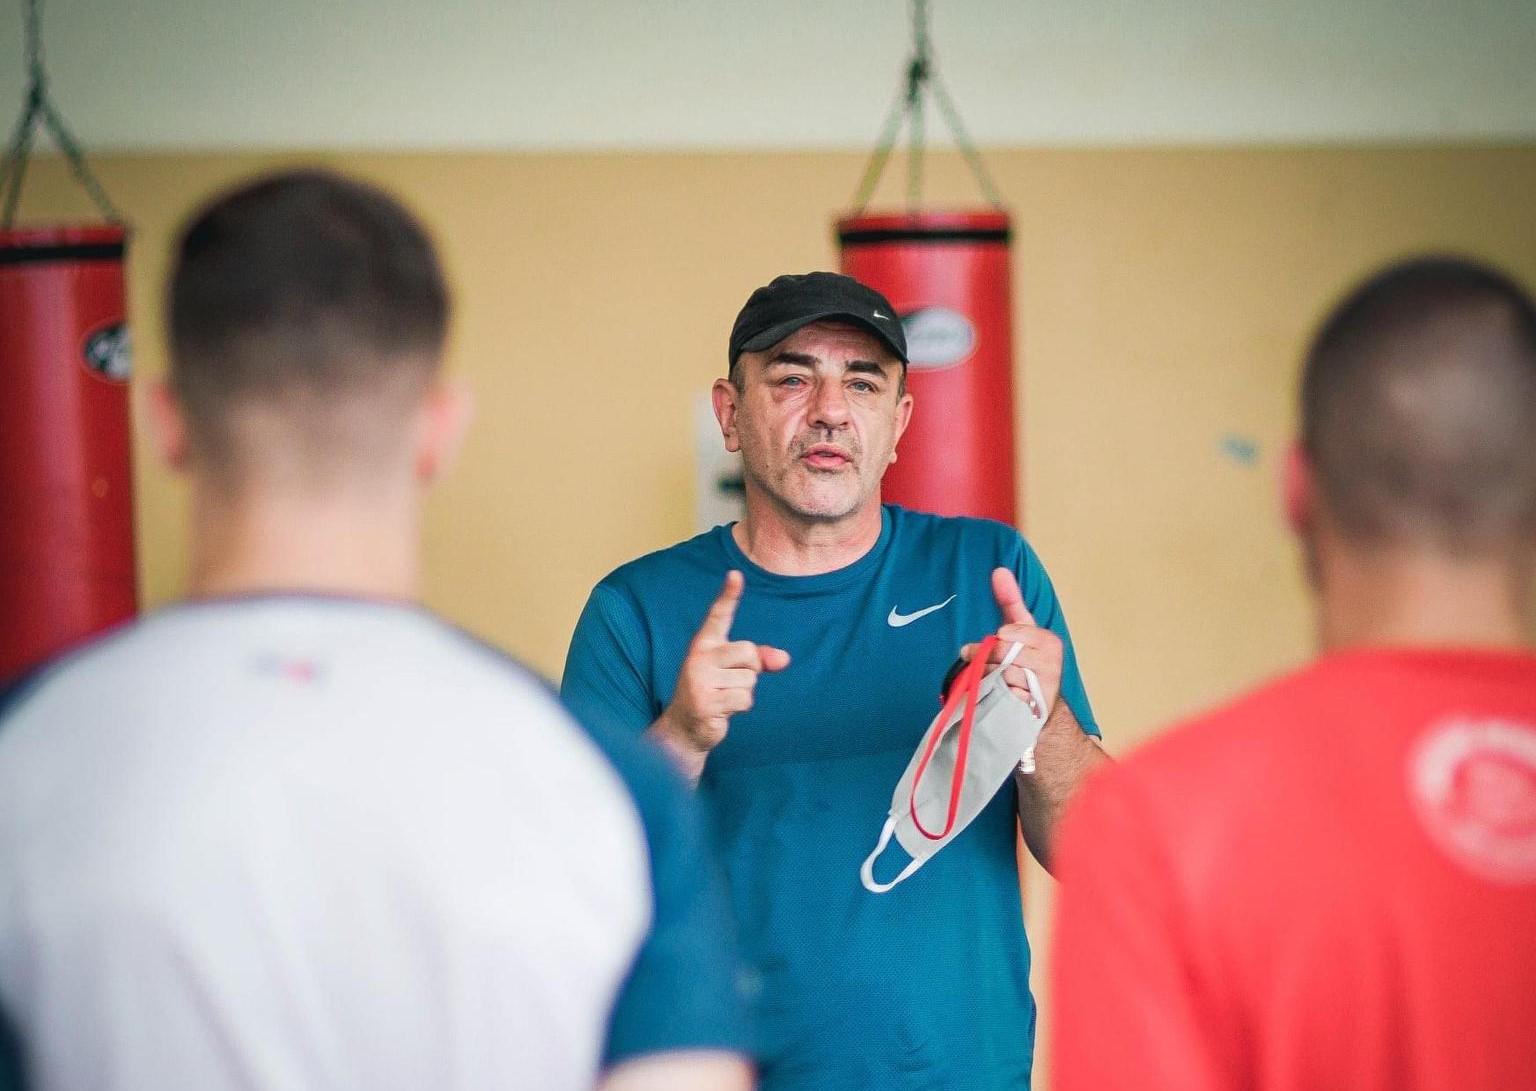 България тръгва за 6 медала от Световното по бокс за младежи